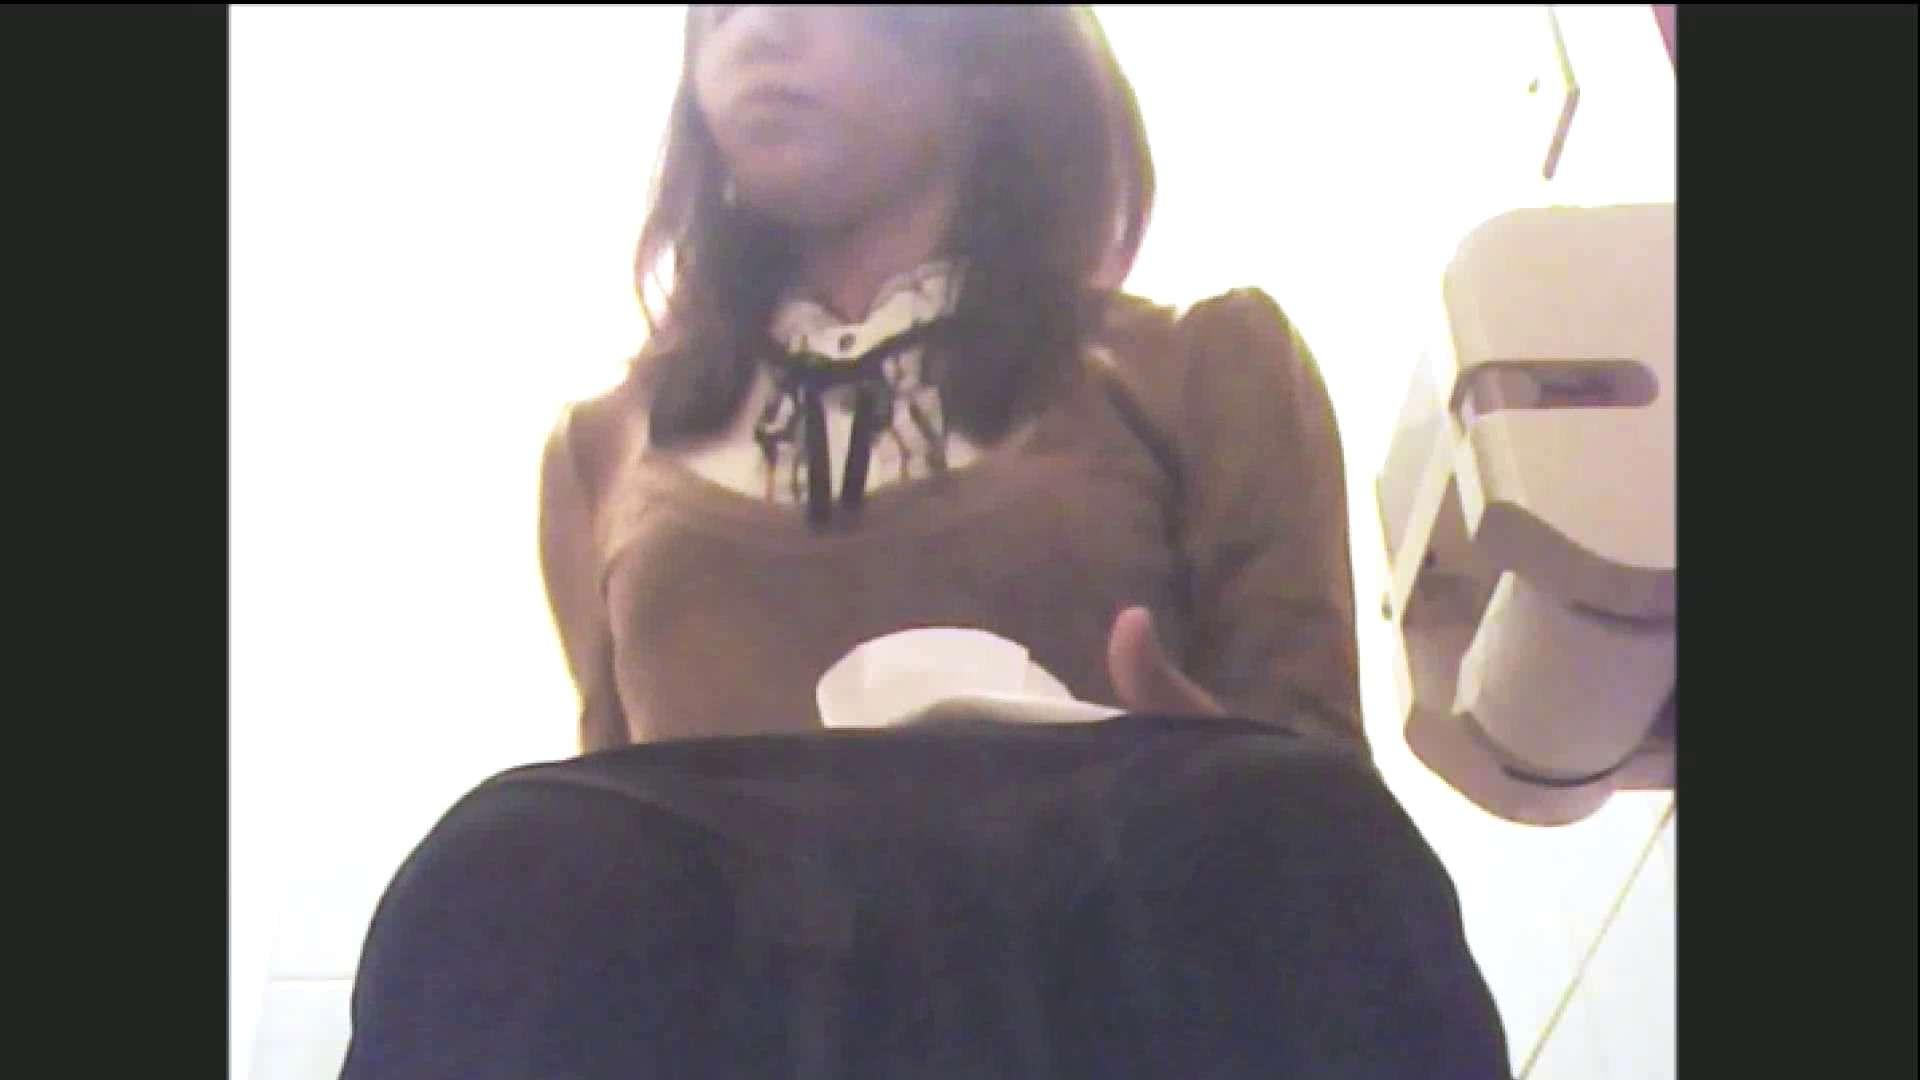 実録!!綺麗なお姉さんのトイレ事情・・・。vol.11 エロティックなOL スケベ動画紹介 95画像 11